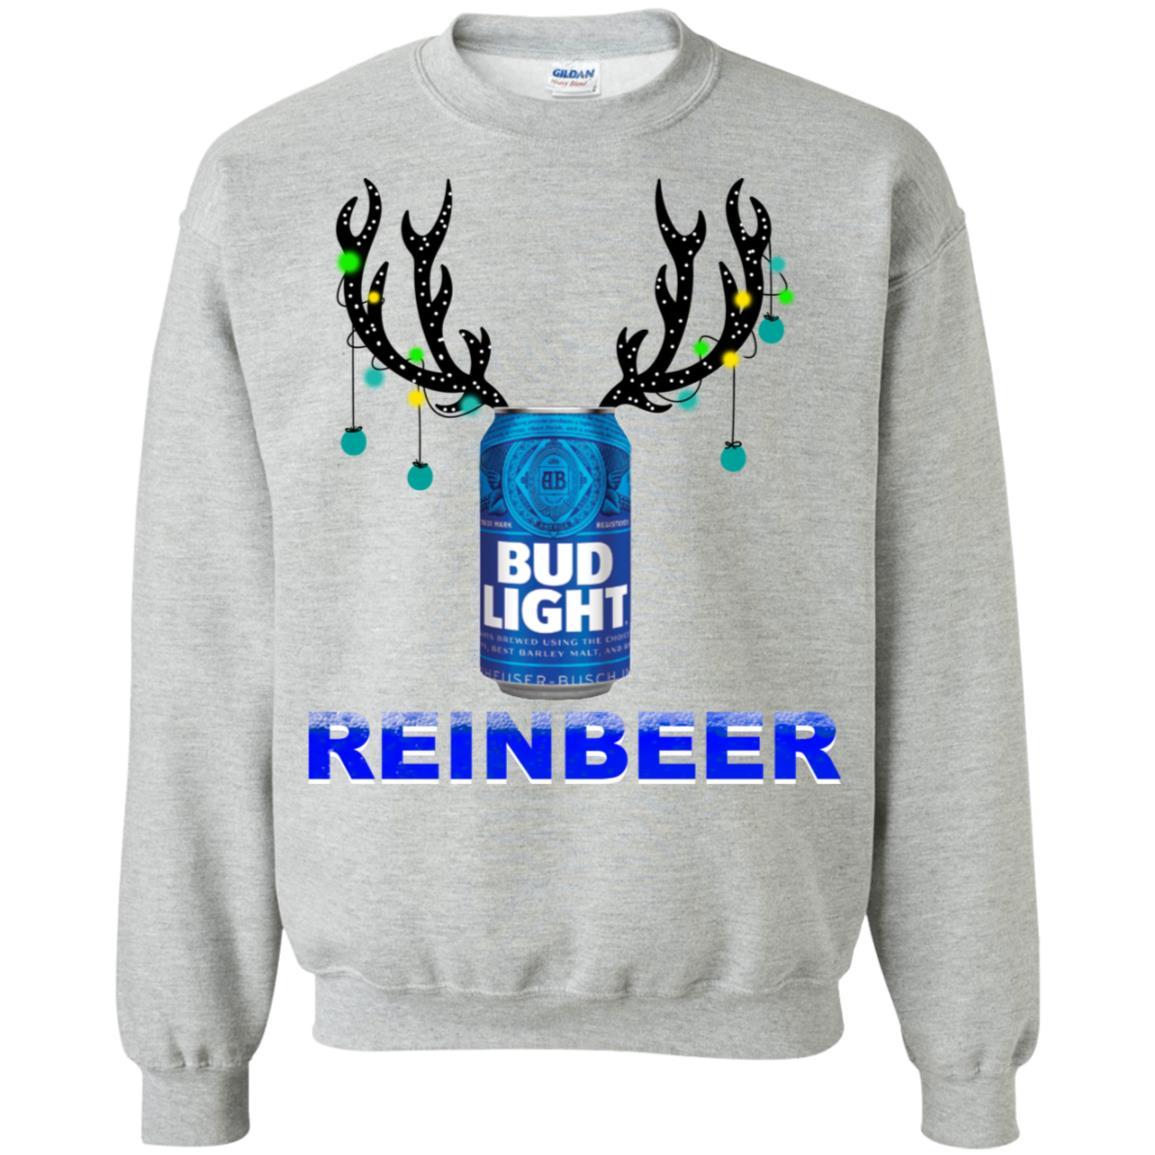 Reinbeer Bud Light Christmas Sweatshirt Hoodie Long Sleeve Ladies Tee